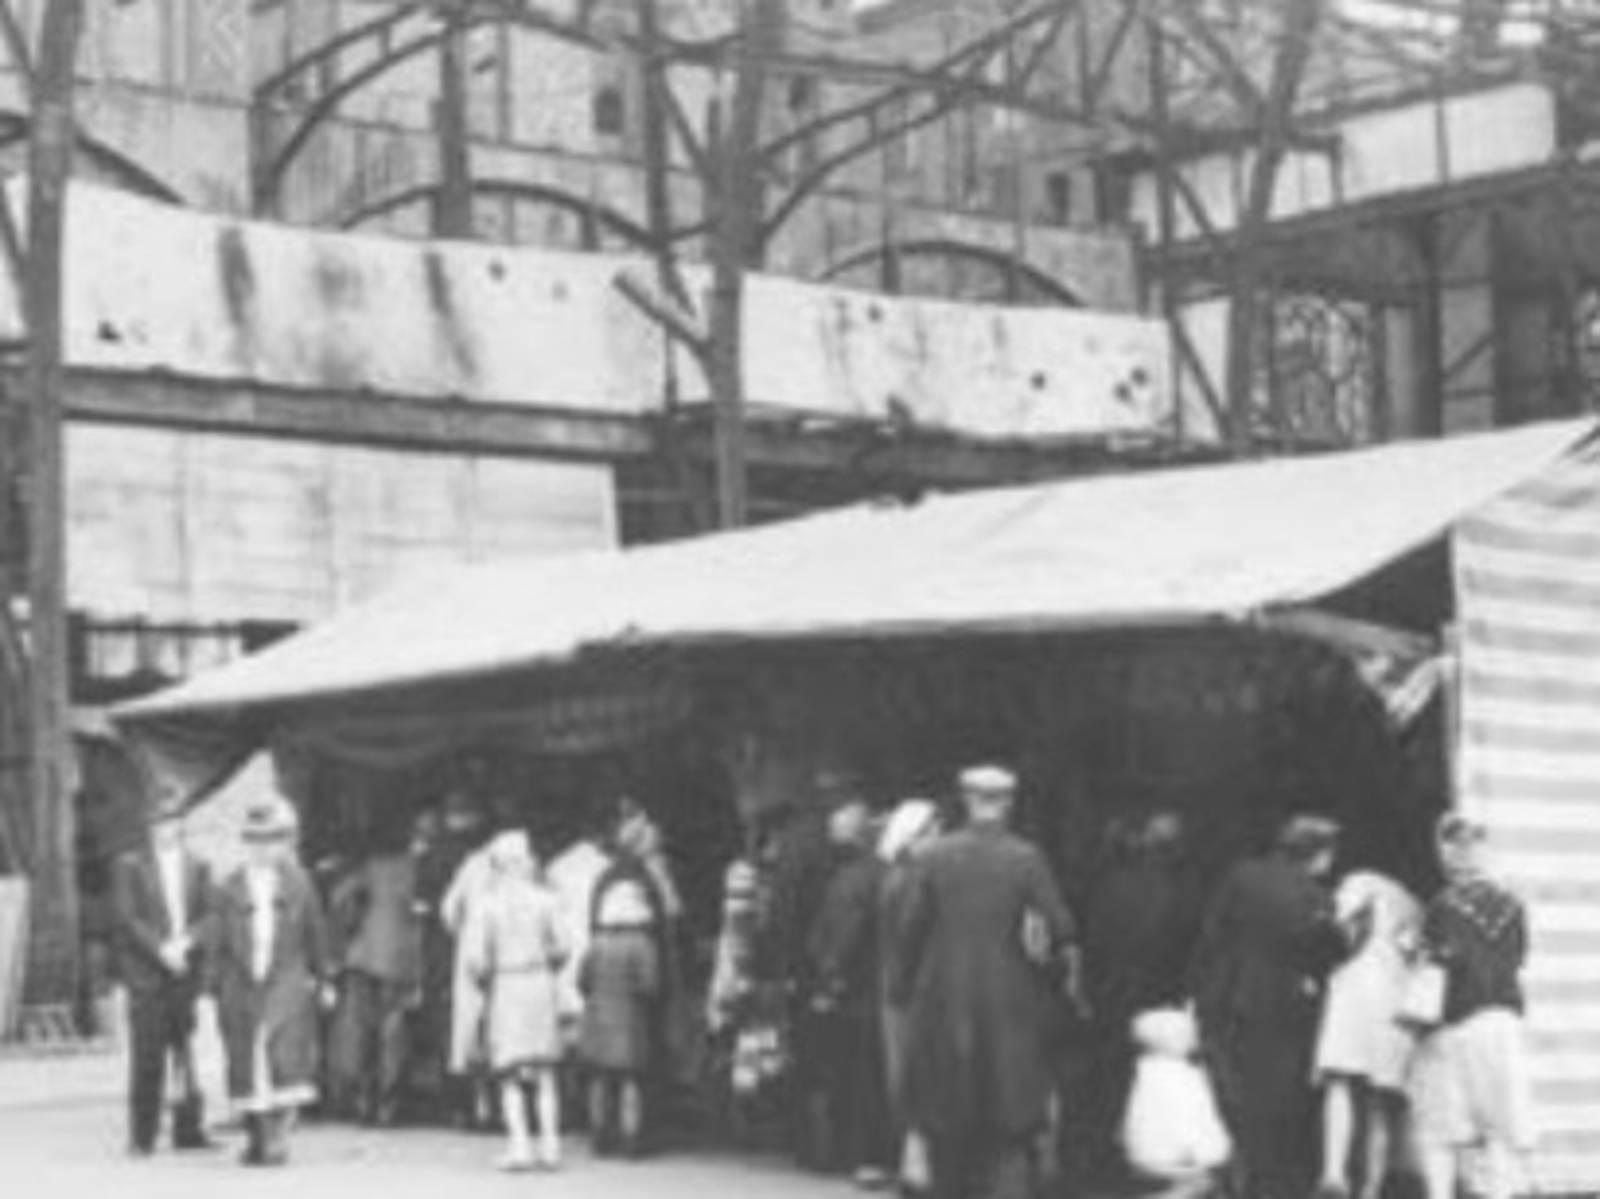 Verkaufsbude aus Holz in Trümmern eines zerstörten großen Gebäudes